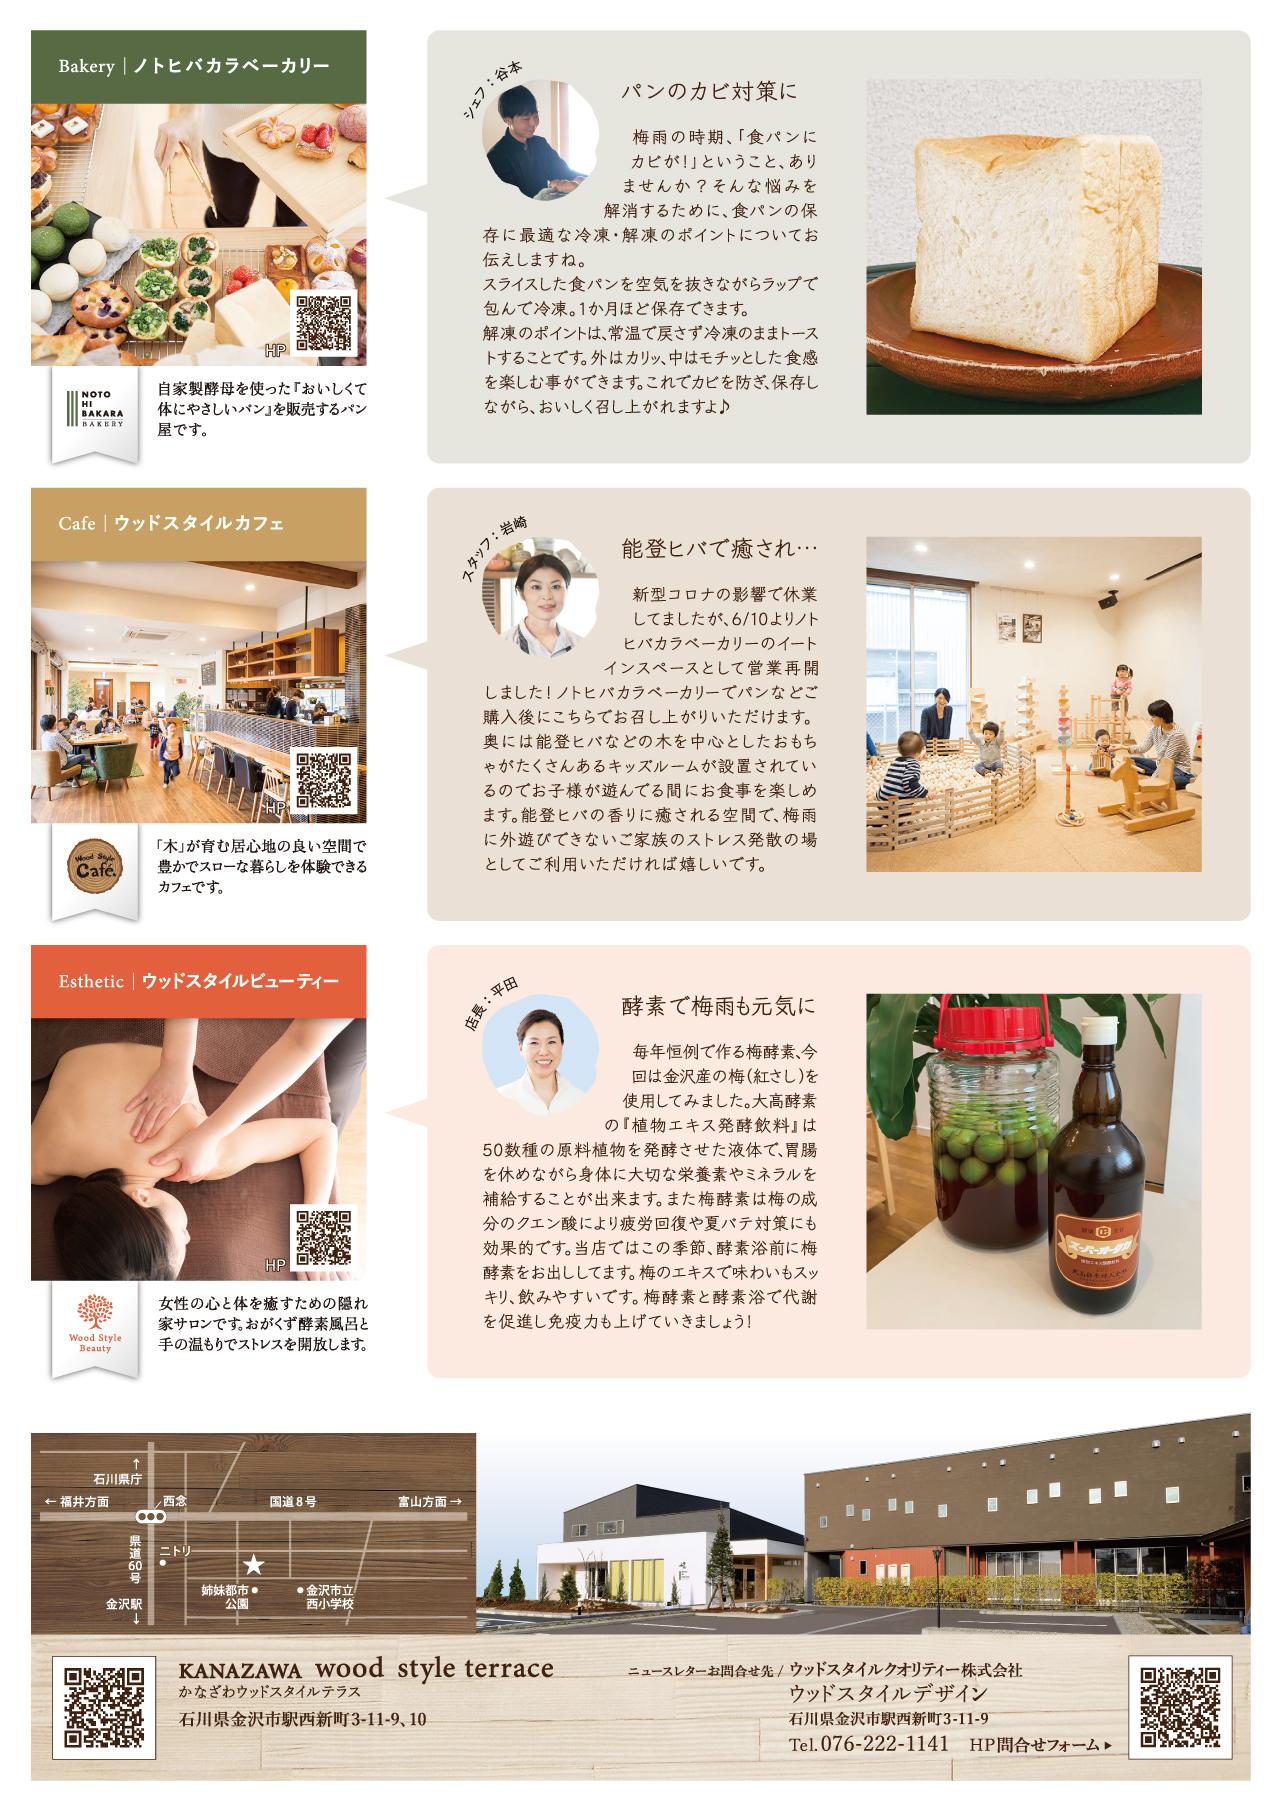 加賀木材グループニュースレター裏面イメージ